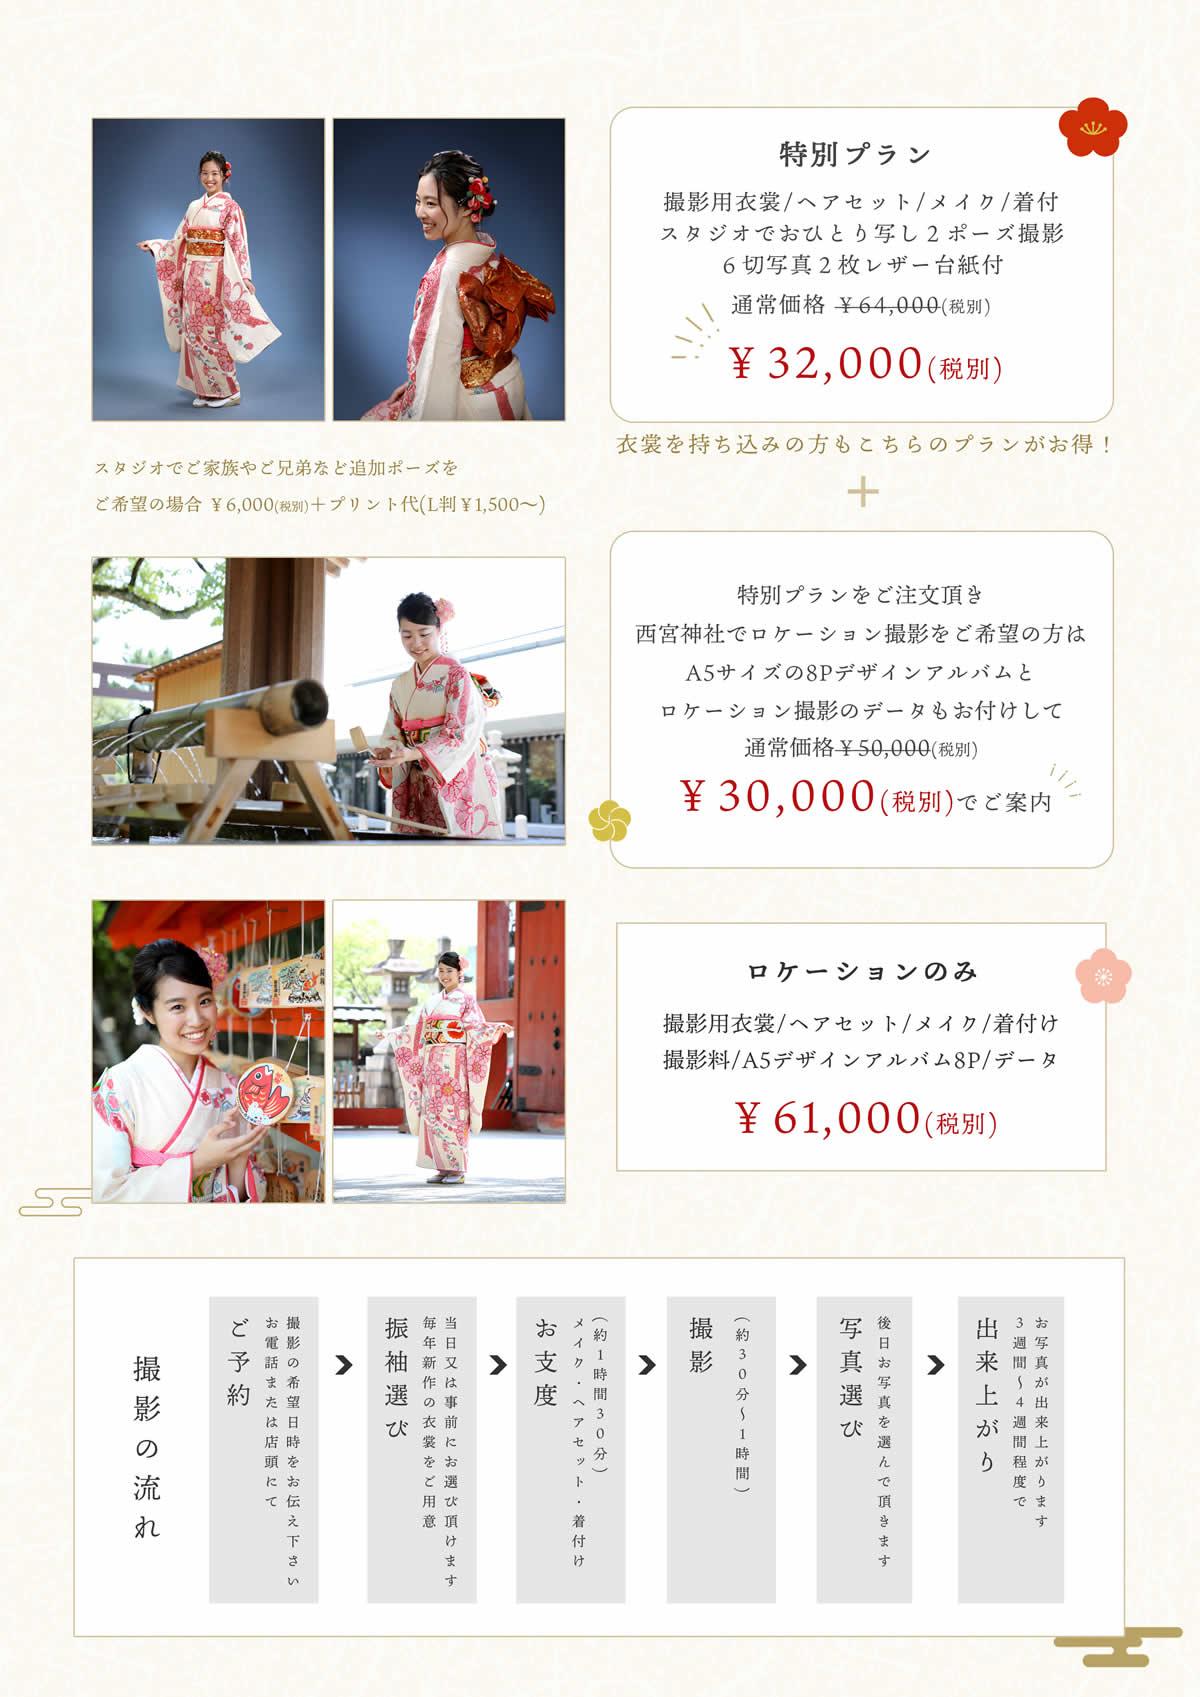 長崎写真場 夏の成人式キャンペーン